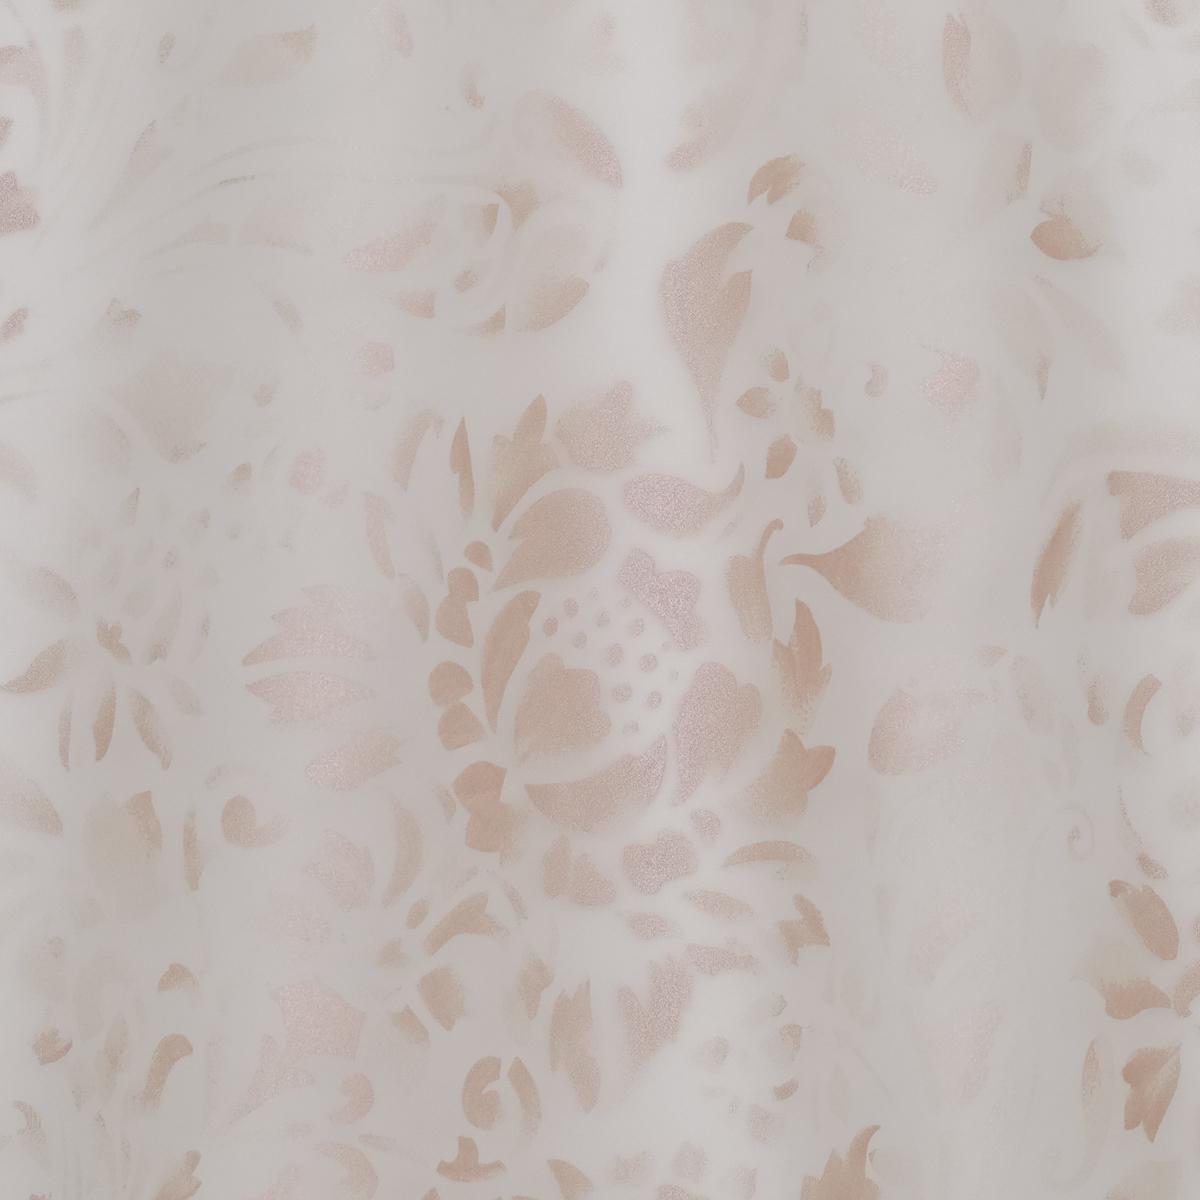 Молочная органза с перламутрово-розовой шелкографией